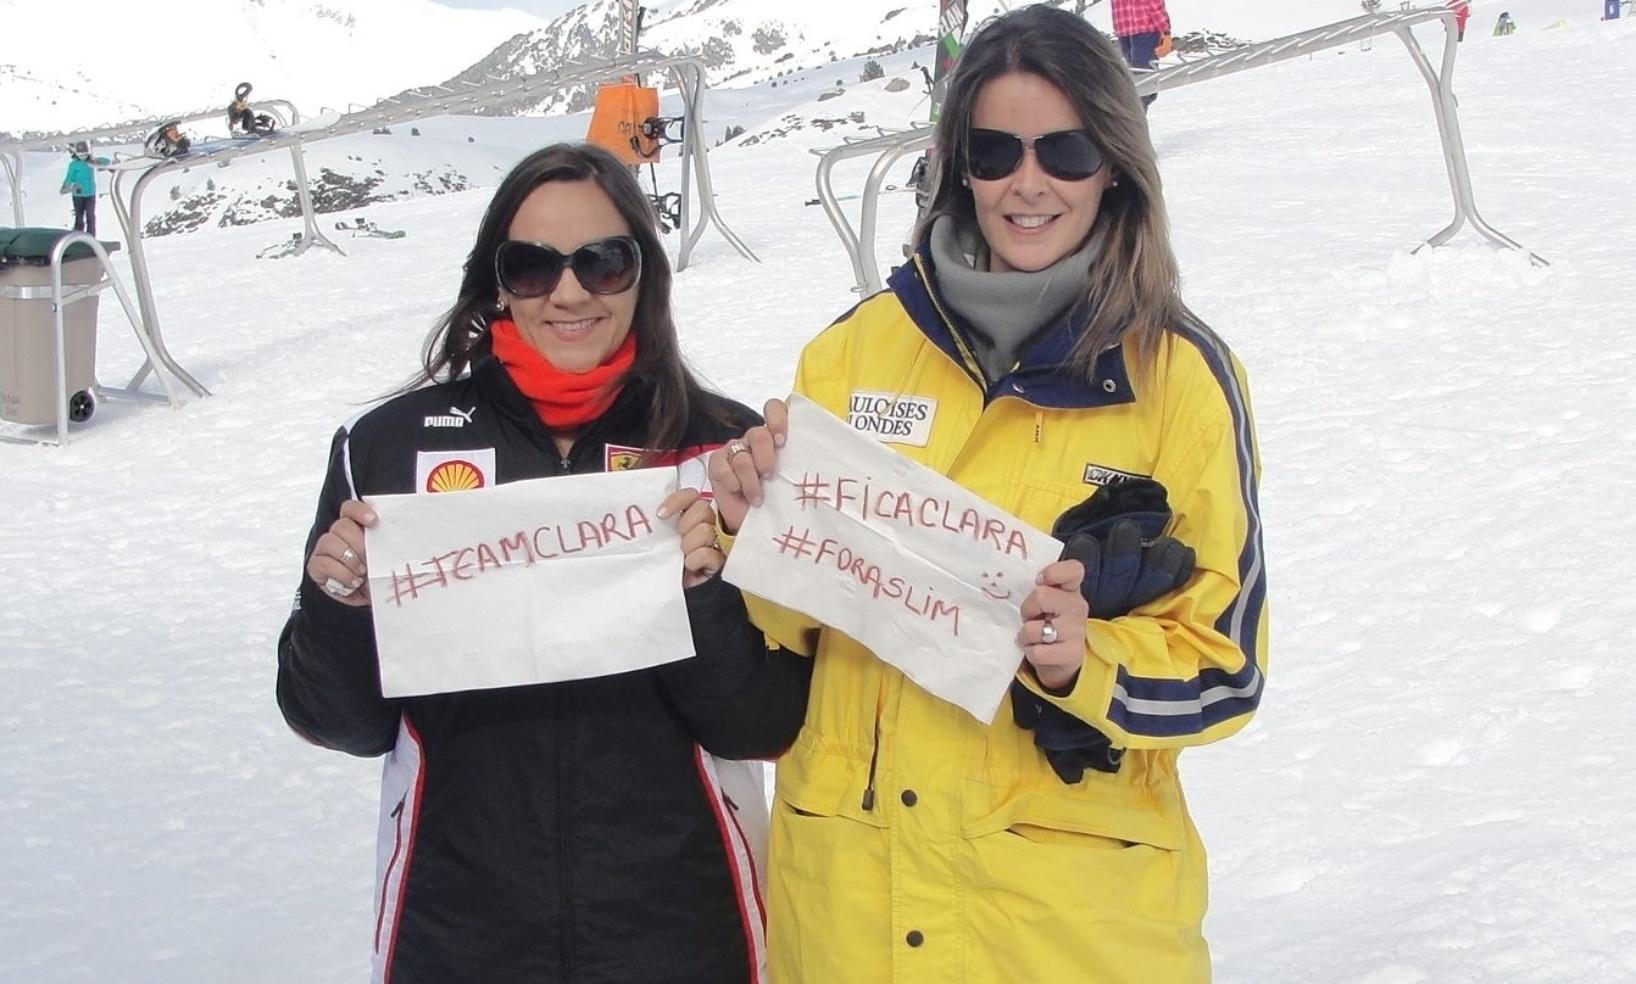 27.mar.2014 - Em estação de esqui no norte da Espanha com uma amiga, Stefanie Chasseraux (à direita) apoia permanência da sister no reality e eliminação de Valter